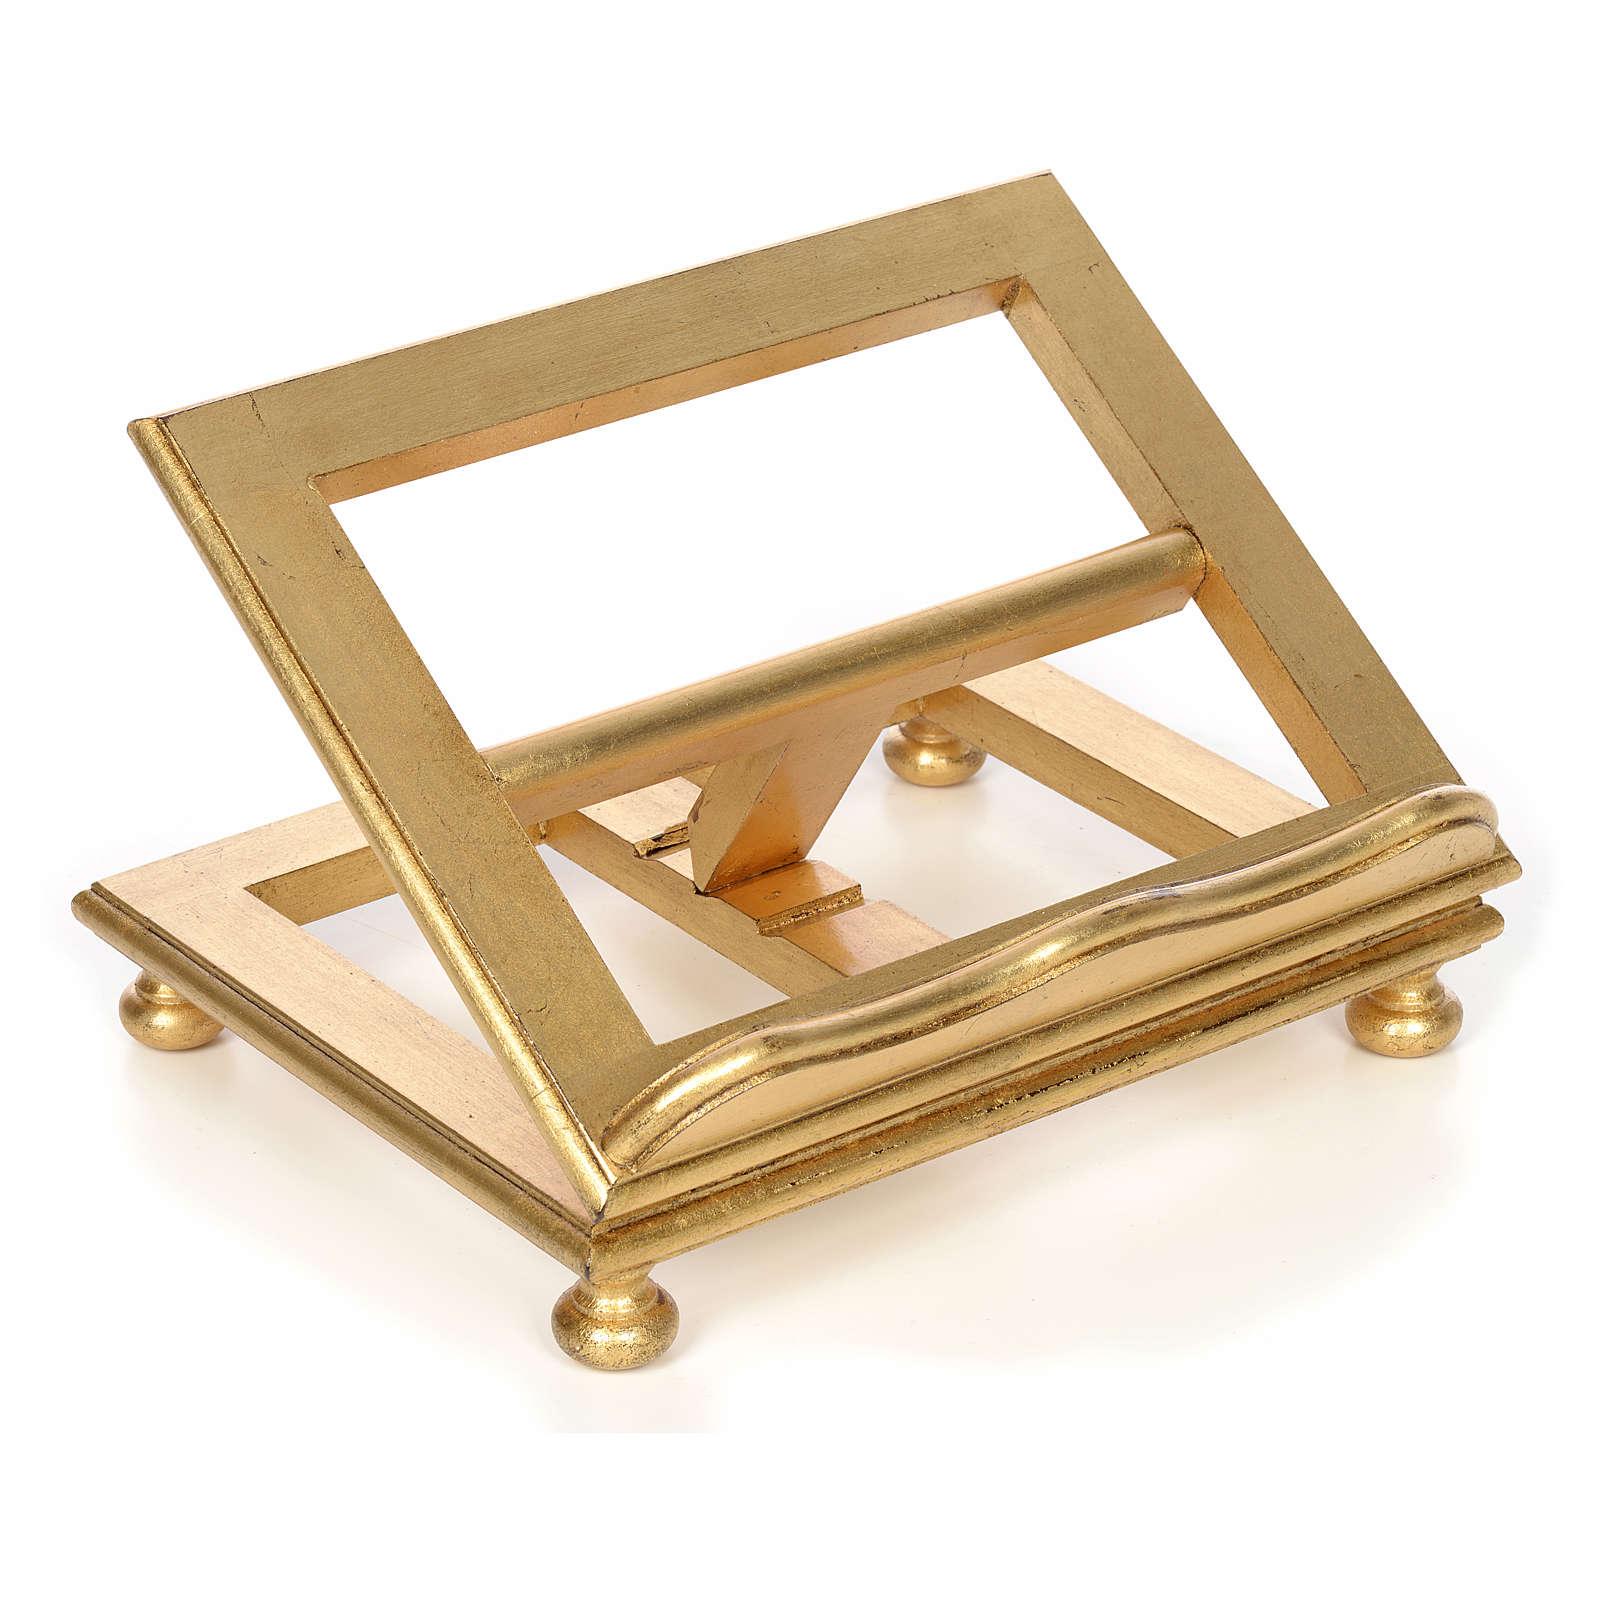 Leggio legno foglia oro vendita online su holyart - Costruire un leggio da tavolo ...